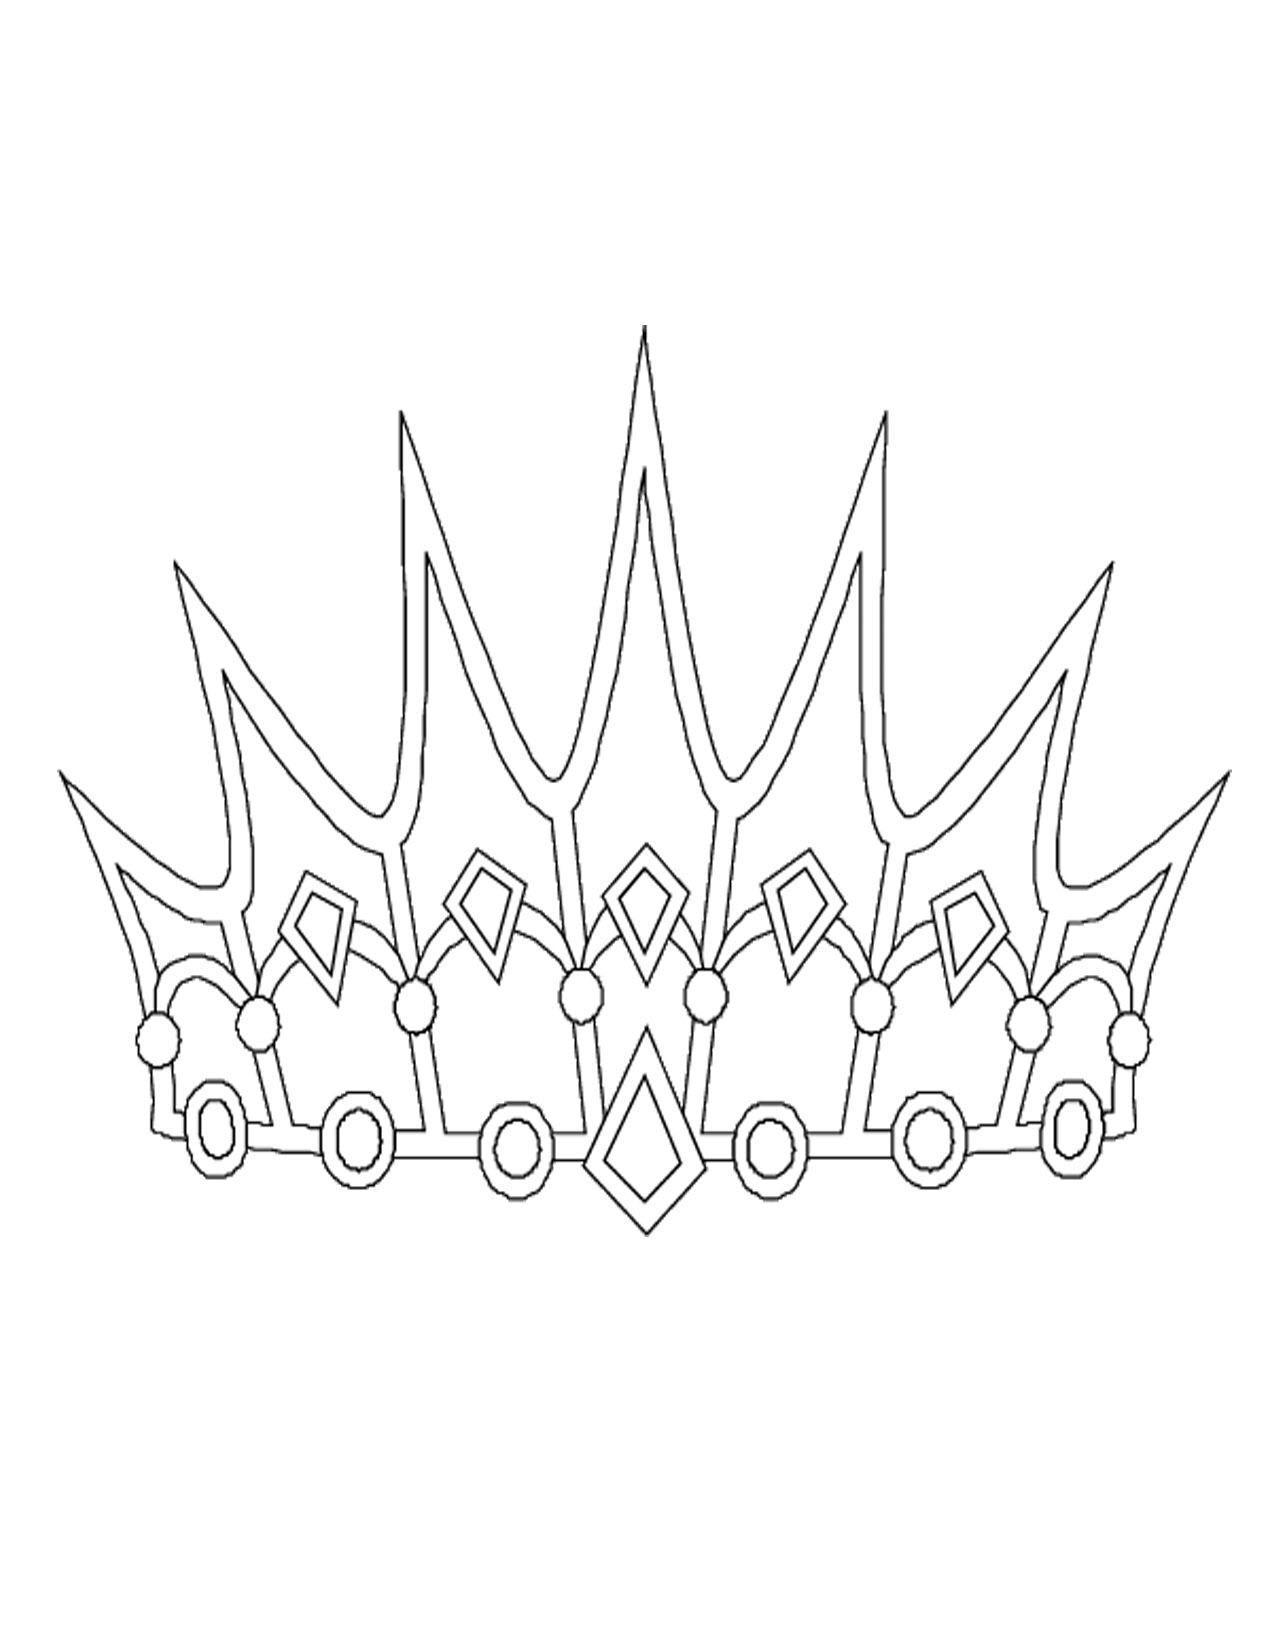 корона раскраска трафарет снежной королевы шаблон распечатать